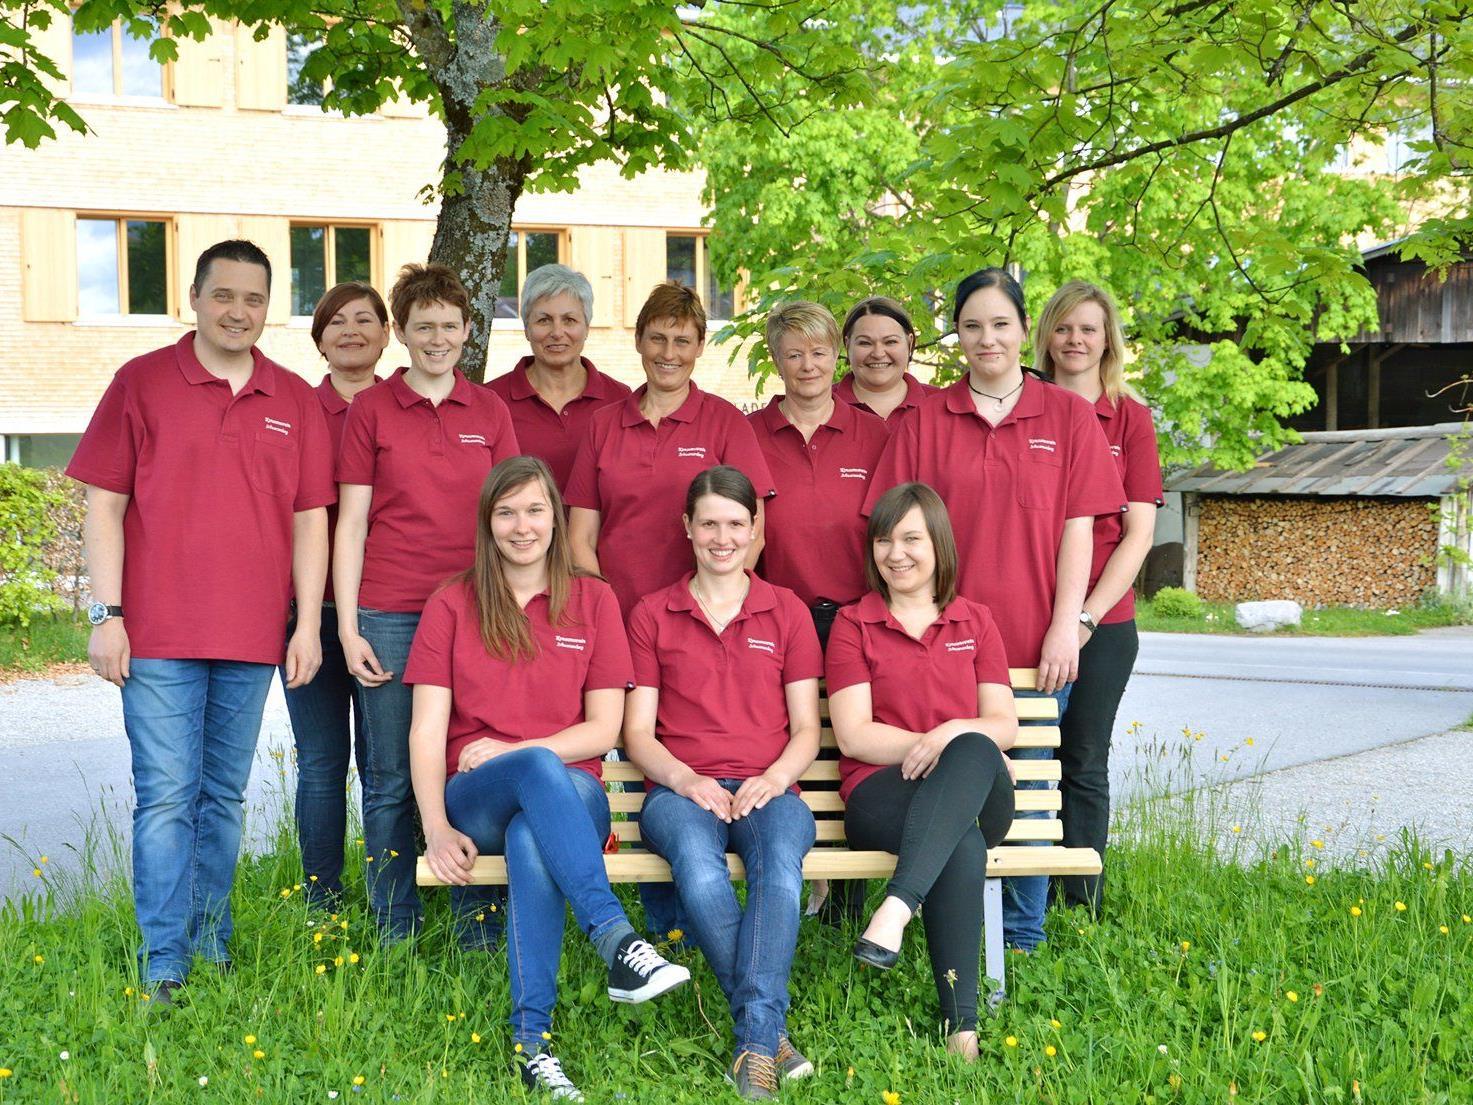 Das Team des Ortskonsumvereins Schwarzenberg freut sich über den Umzug in das neue Geschäft.